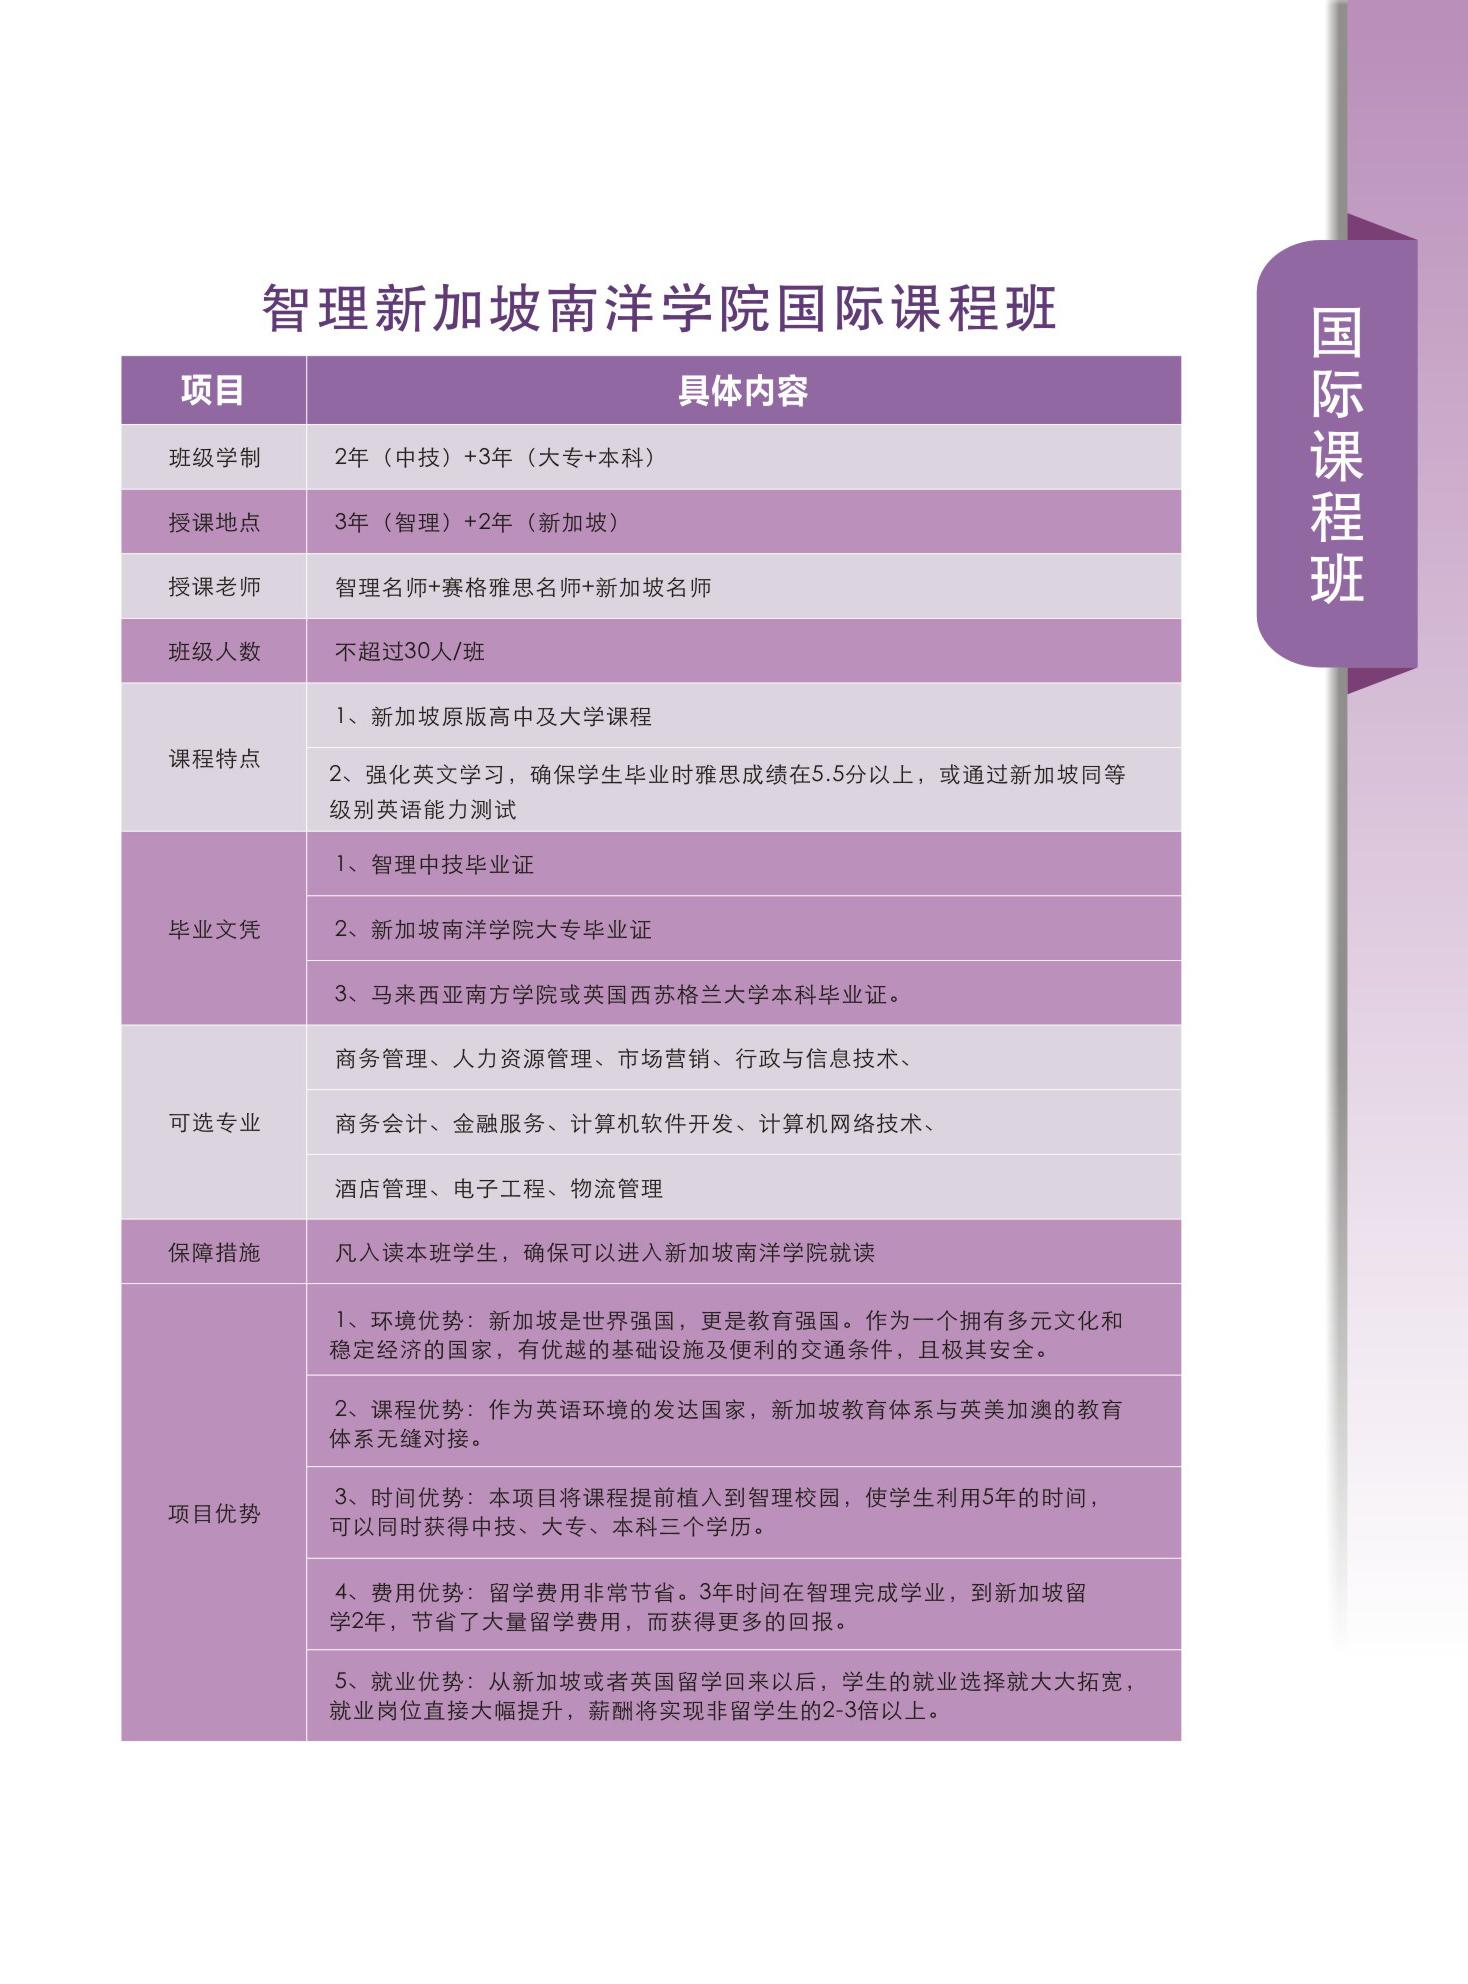 深圳市智理技工学校2019年招生简章国际课程班